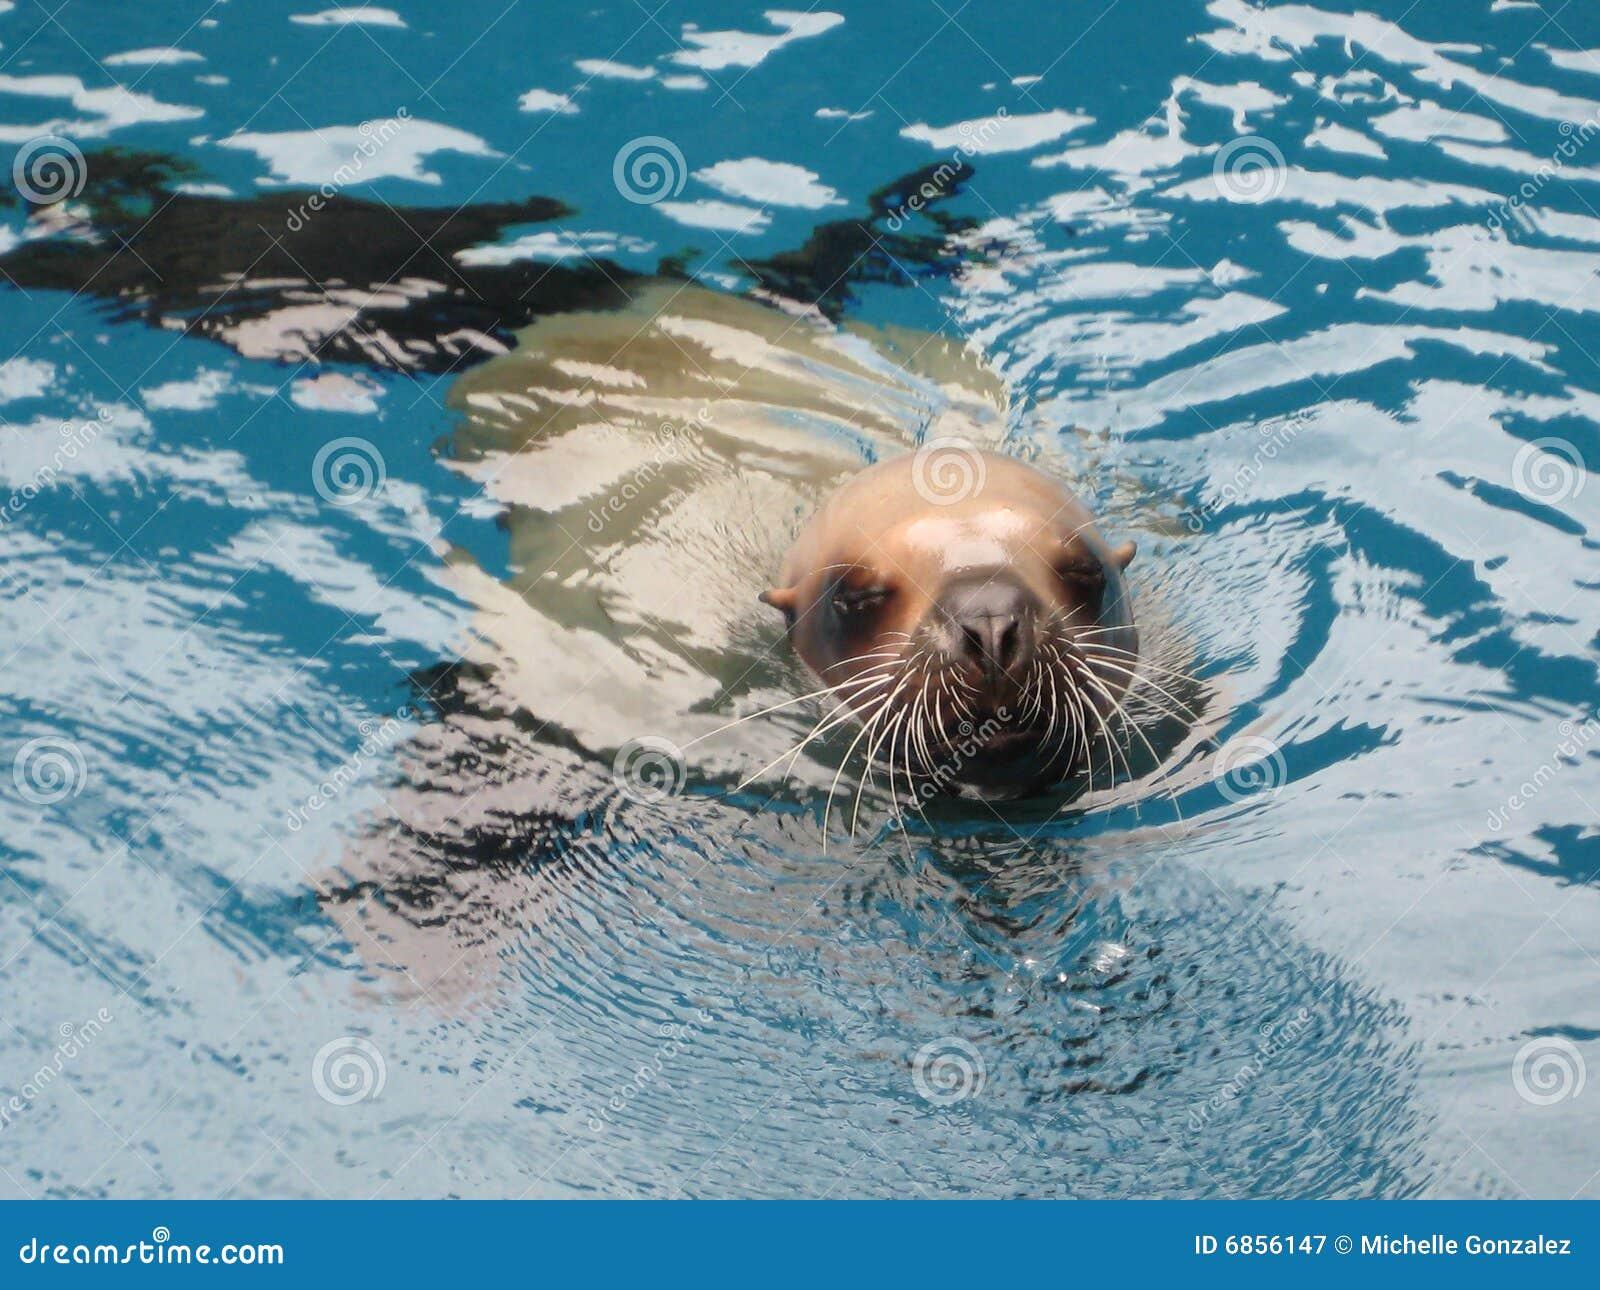 Seaworld морсого льва